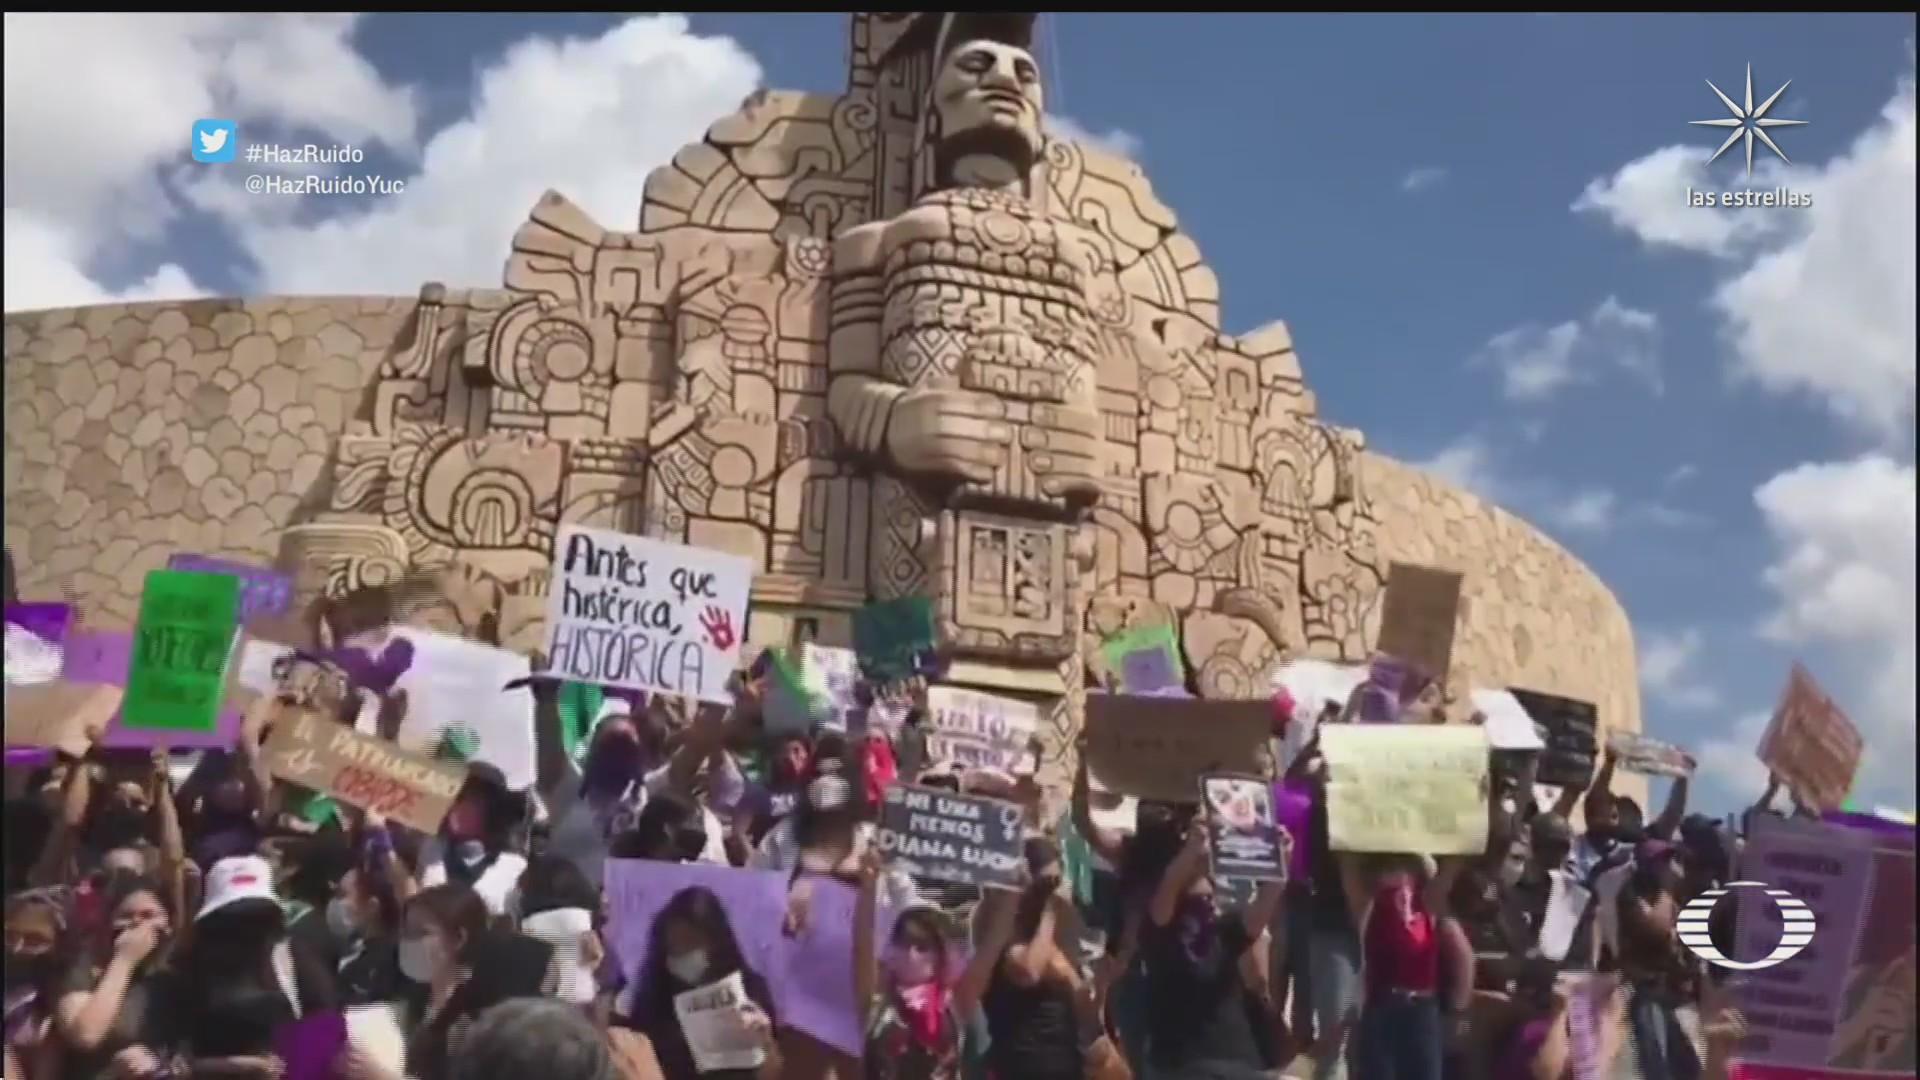 manifestaciones por el 8m se replican en varios estados